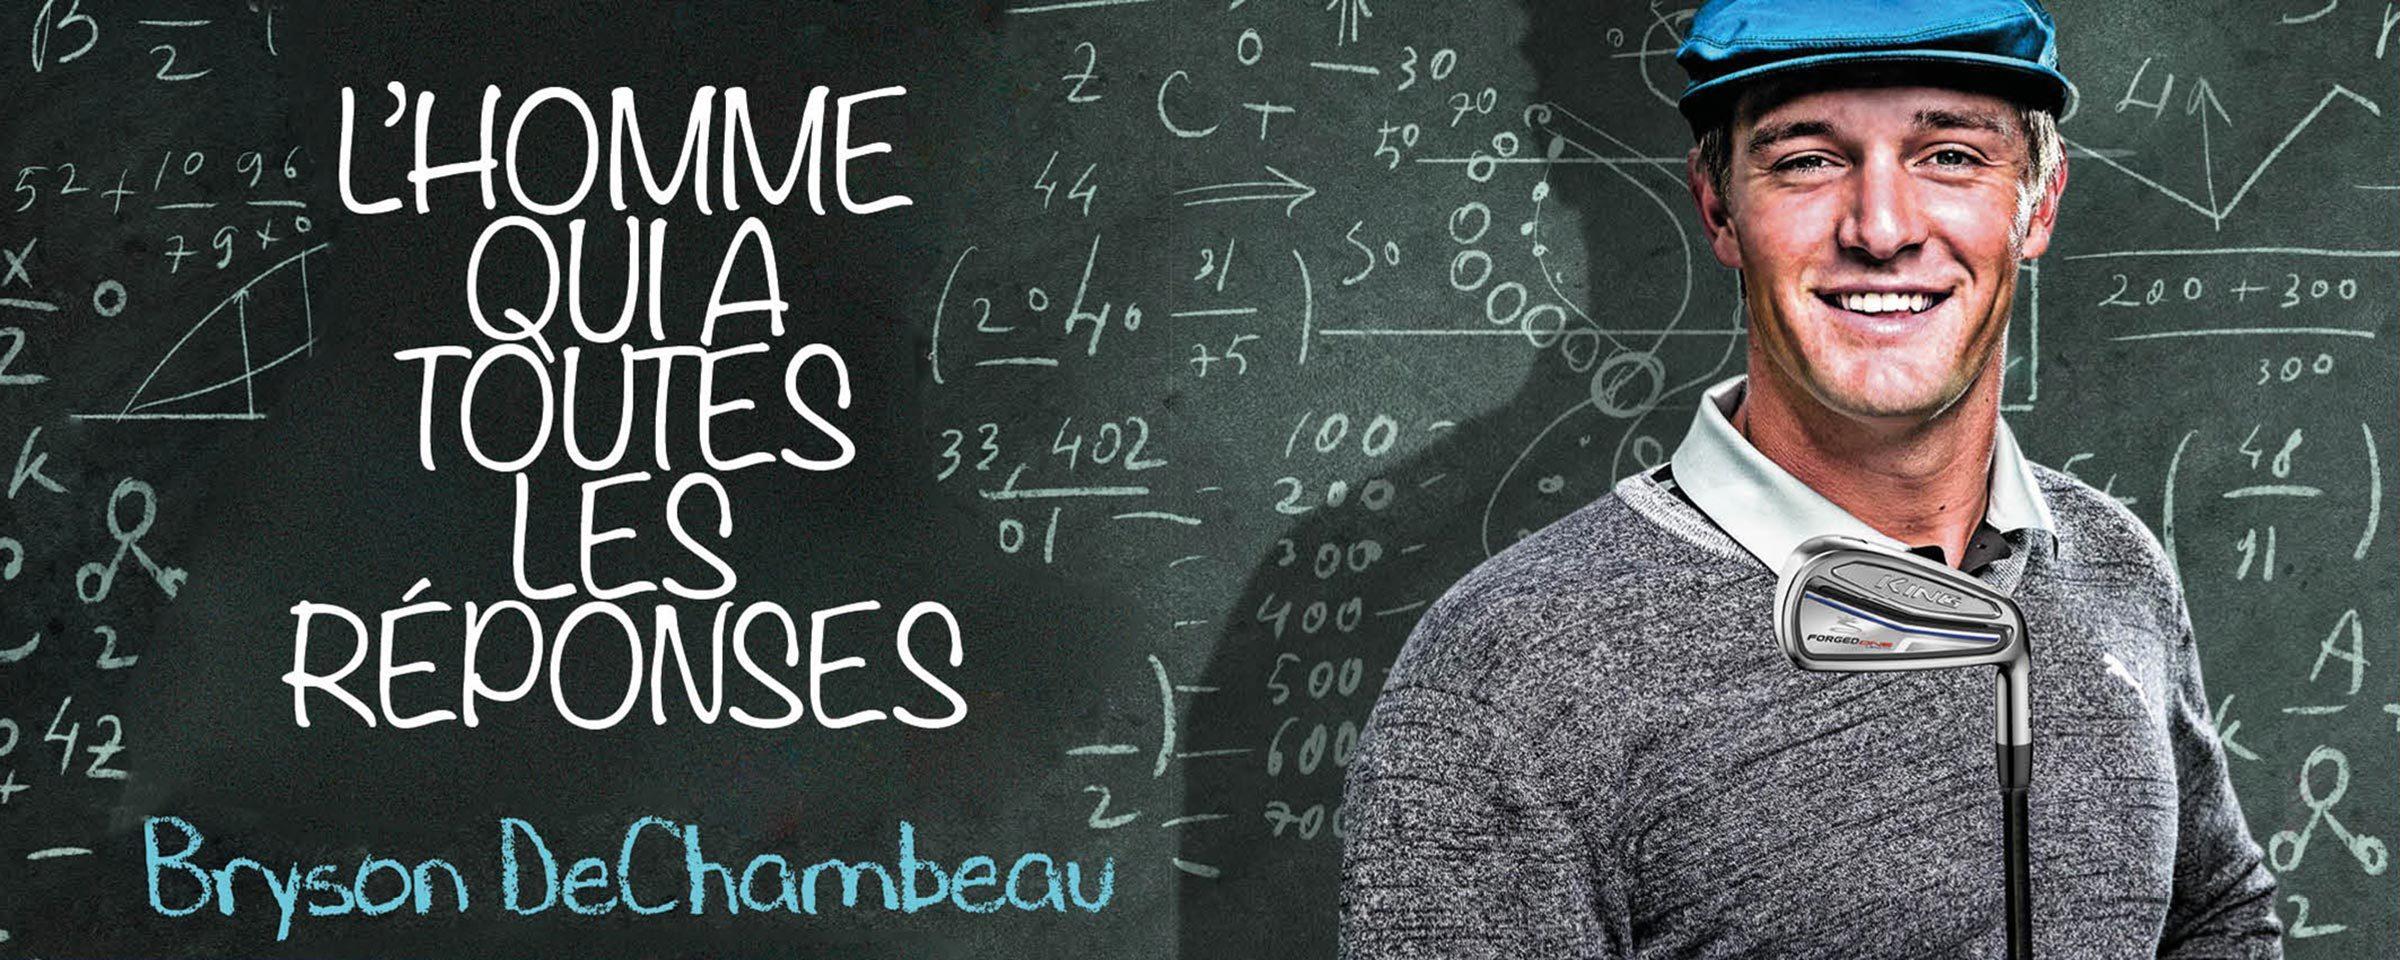 Bryson DeChambeau : l'homme qui a toutes les réponses